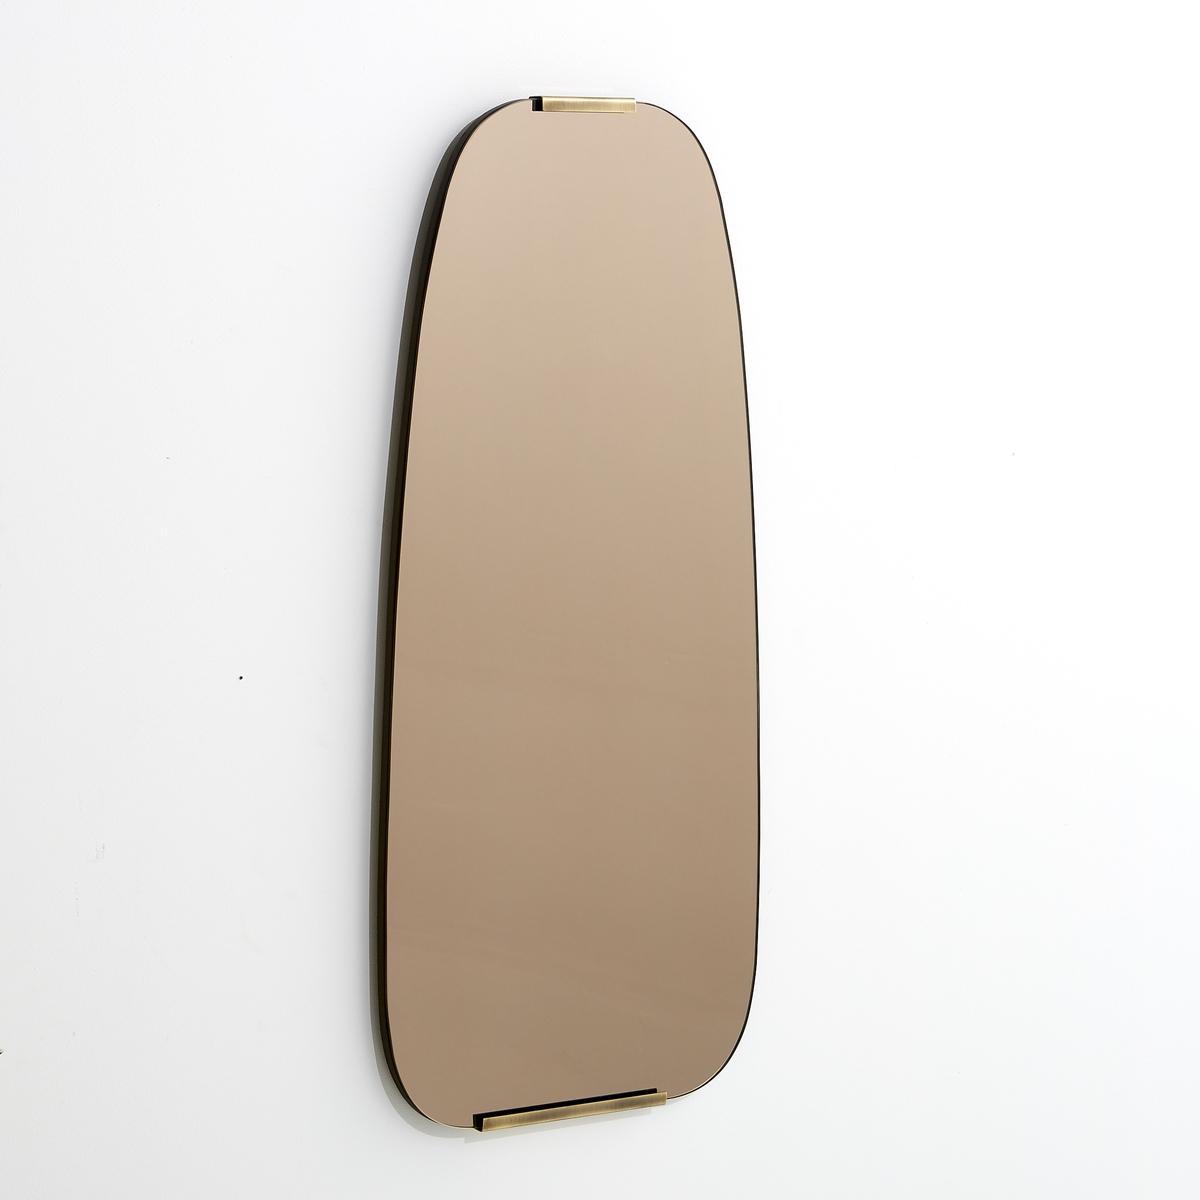 Зеркало тонированное из латуни В72,5 см, DialectЗеркало Dialect. Культовое, слегка затемненное, зеркало 50-х годов крепится на стену вертикально с помощью 2 крючков (болты и дюбеля в комплект не входят). Накладки из латуни с отделкой под старину. Размеры : Ш65 x В72,5 x Г2 см.<br><br>Цвет: латунь<br>Размер: единый размер